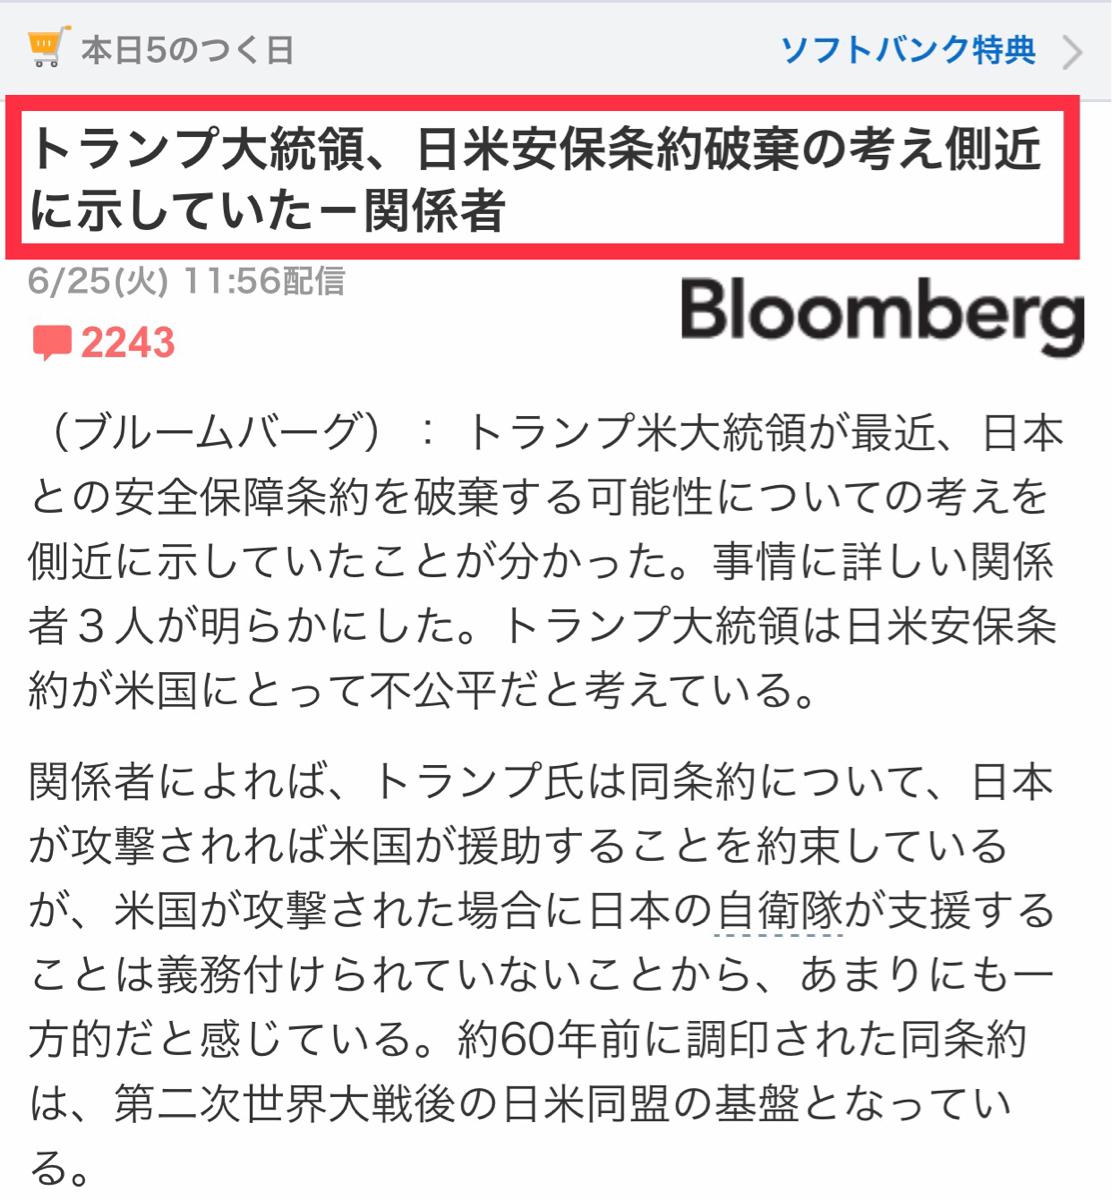 6203 - 豊和工業(株) 買うしか無いぜ!!!